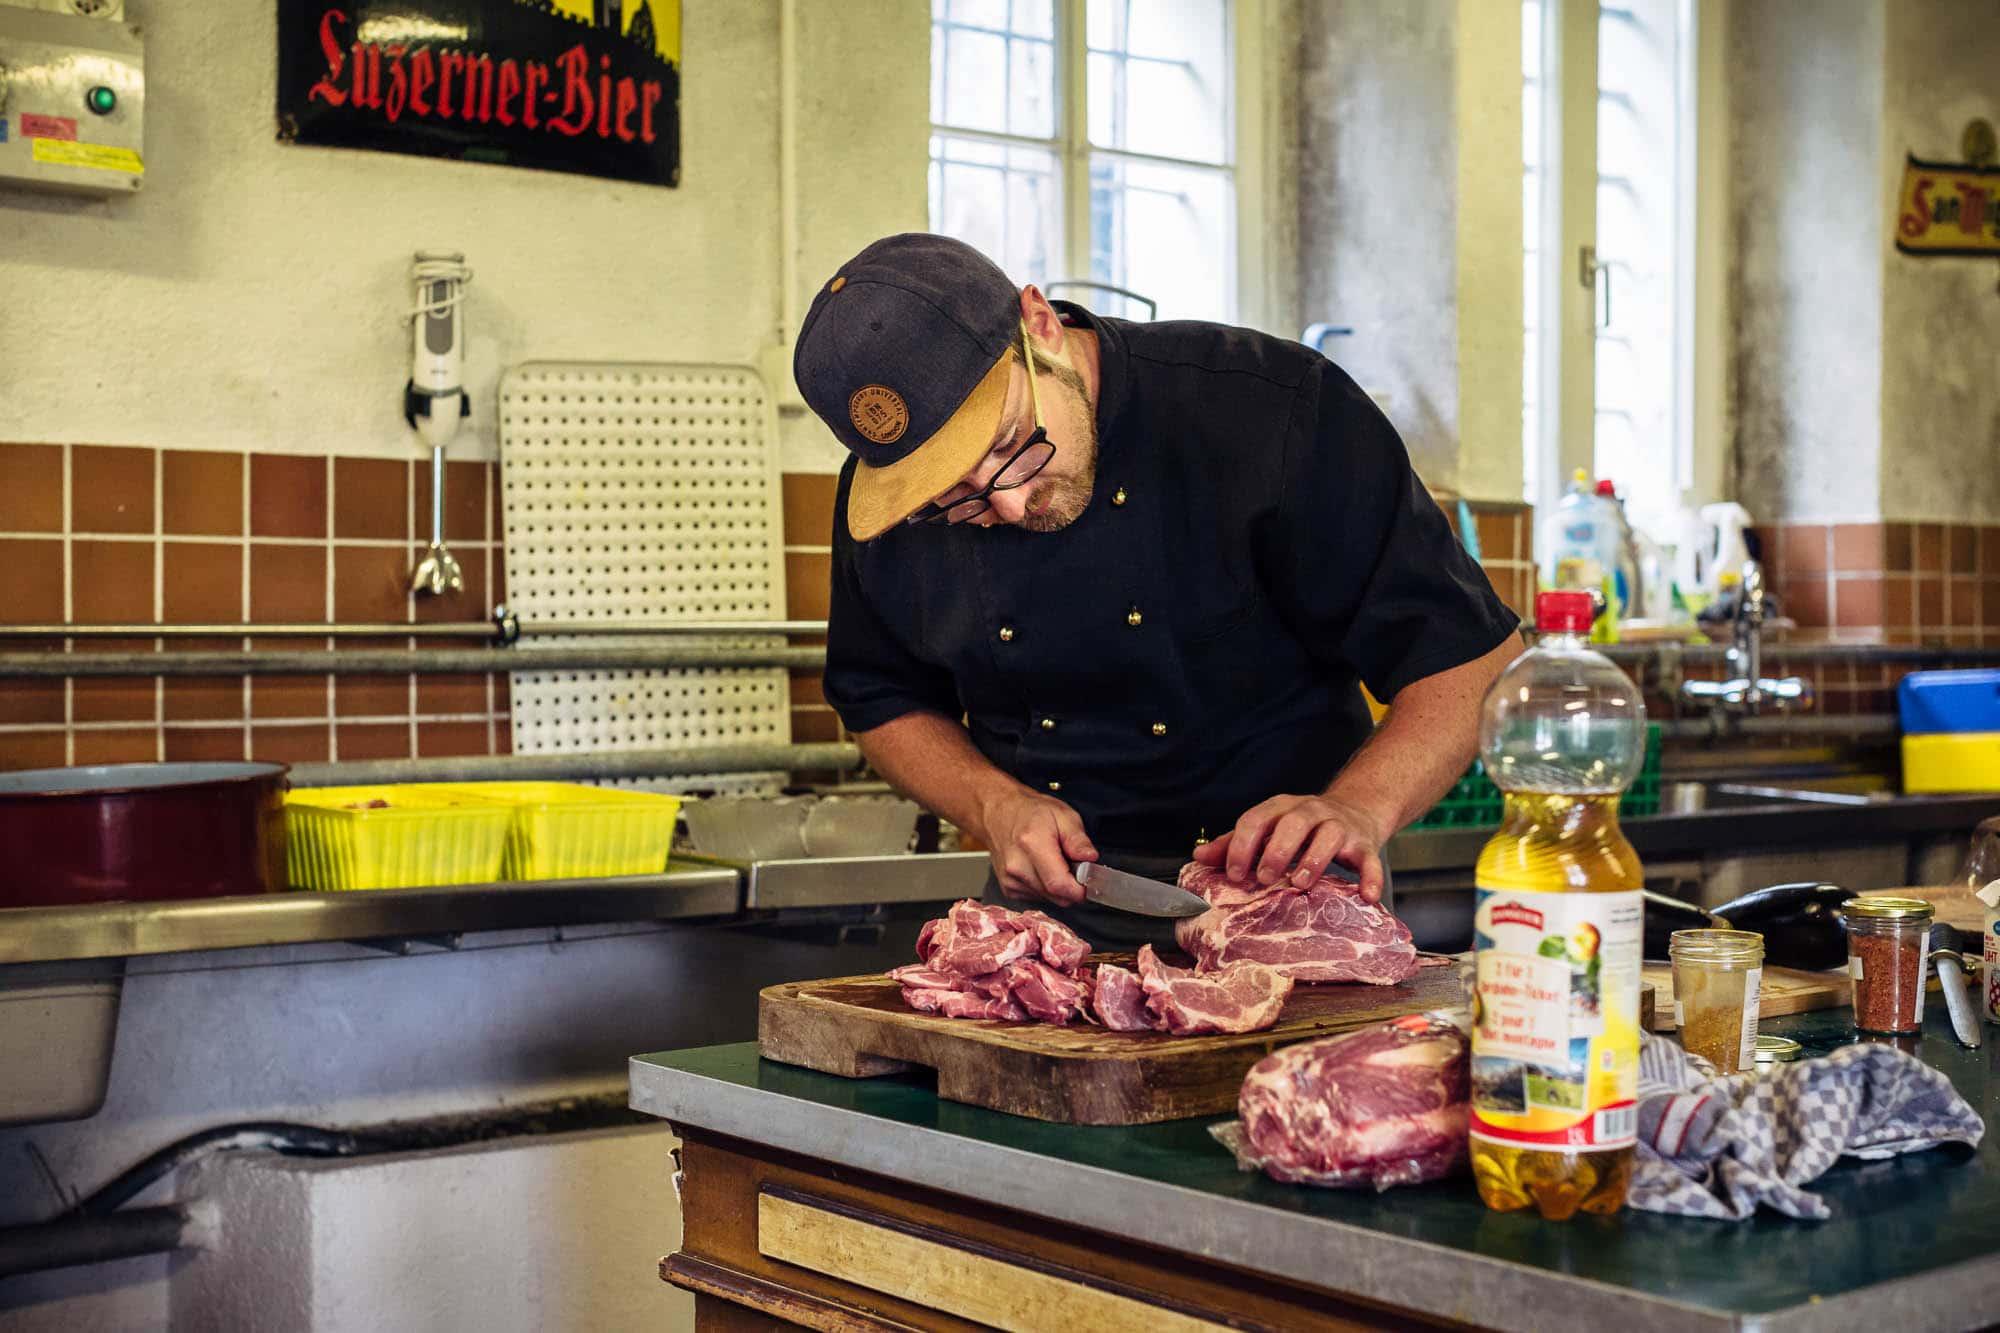 Koch schneidet Fleisch in der Küche